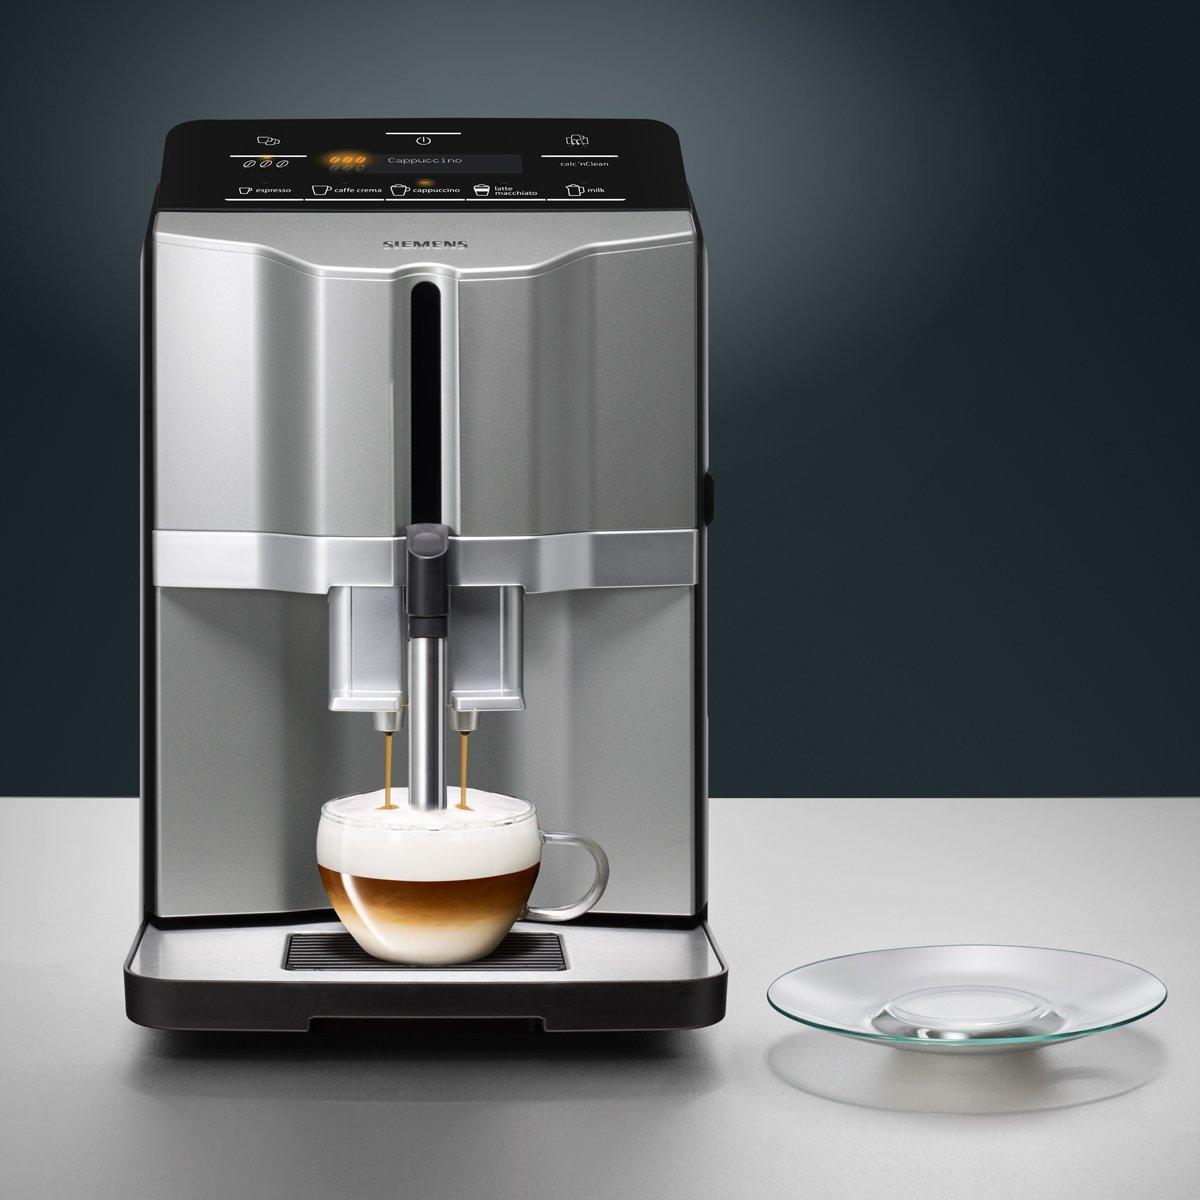 Кофемашина автоматическая Siemens TI303503 Б/У